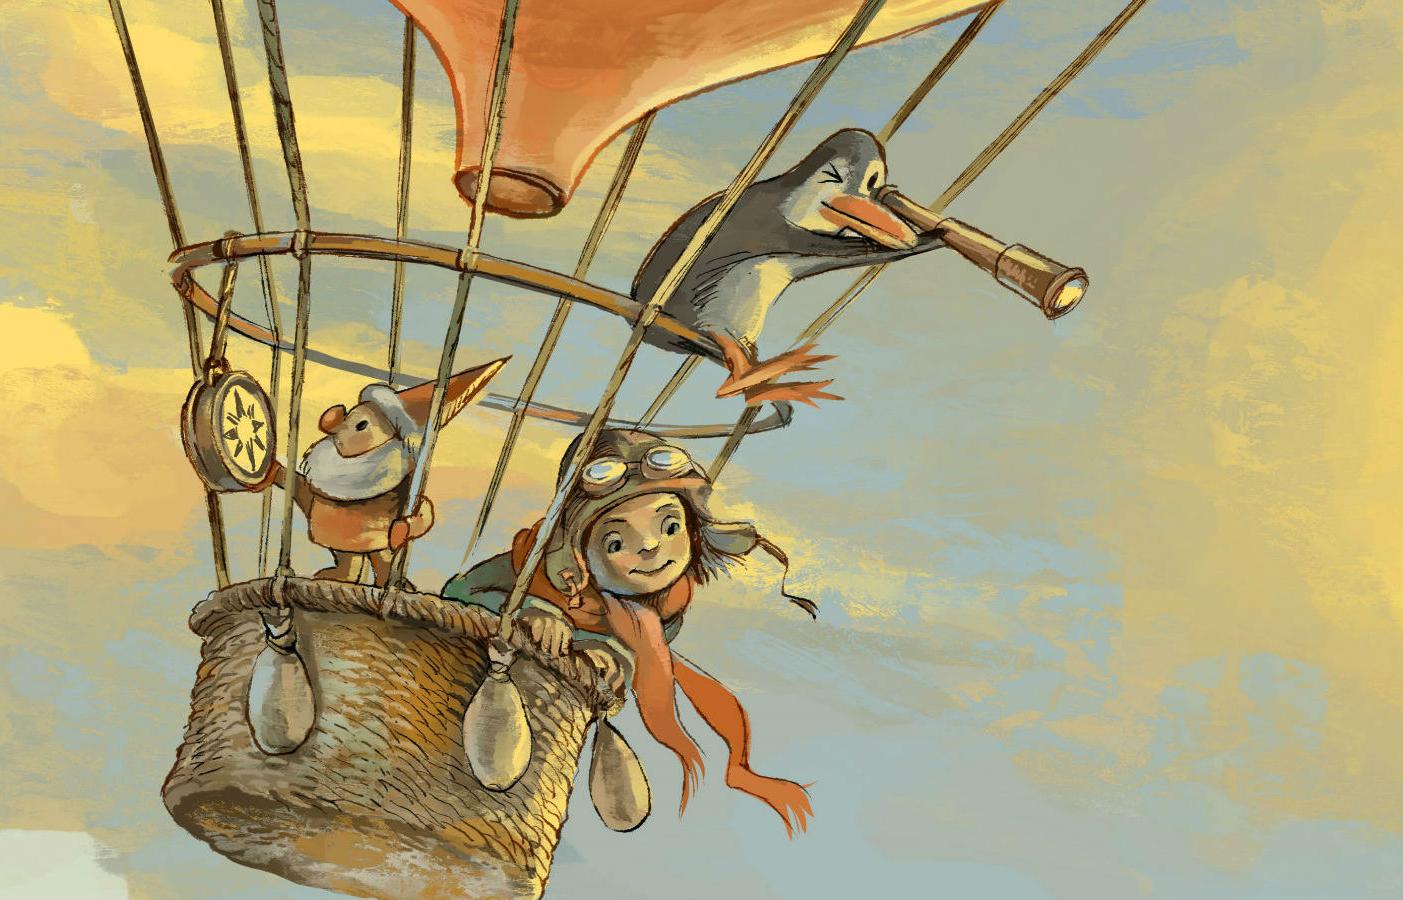 En tecknad bild med en flicka, en pingvin och en tomte i en luftballong som flyger